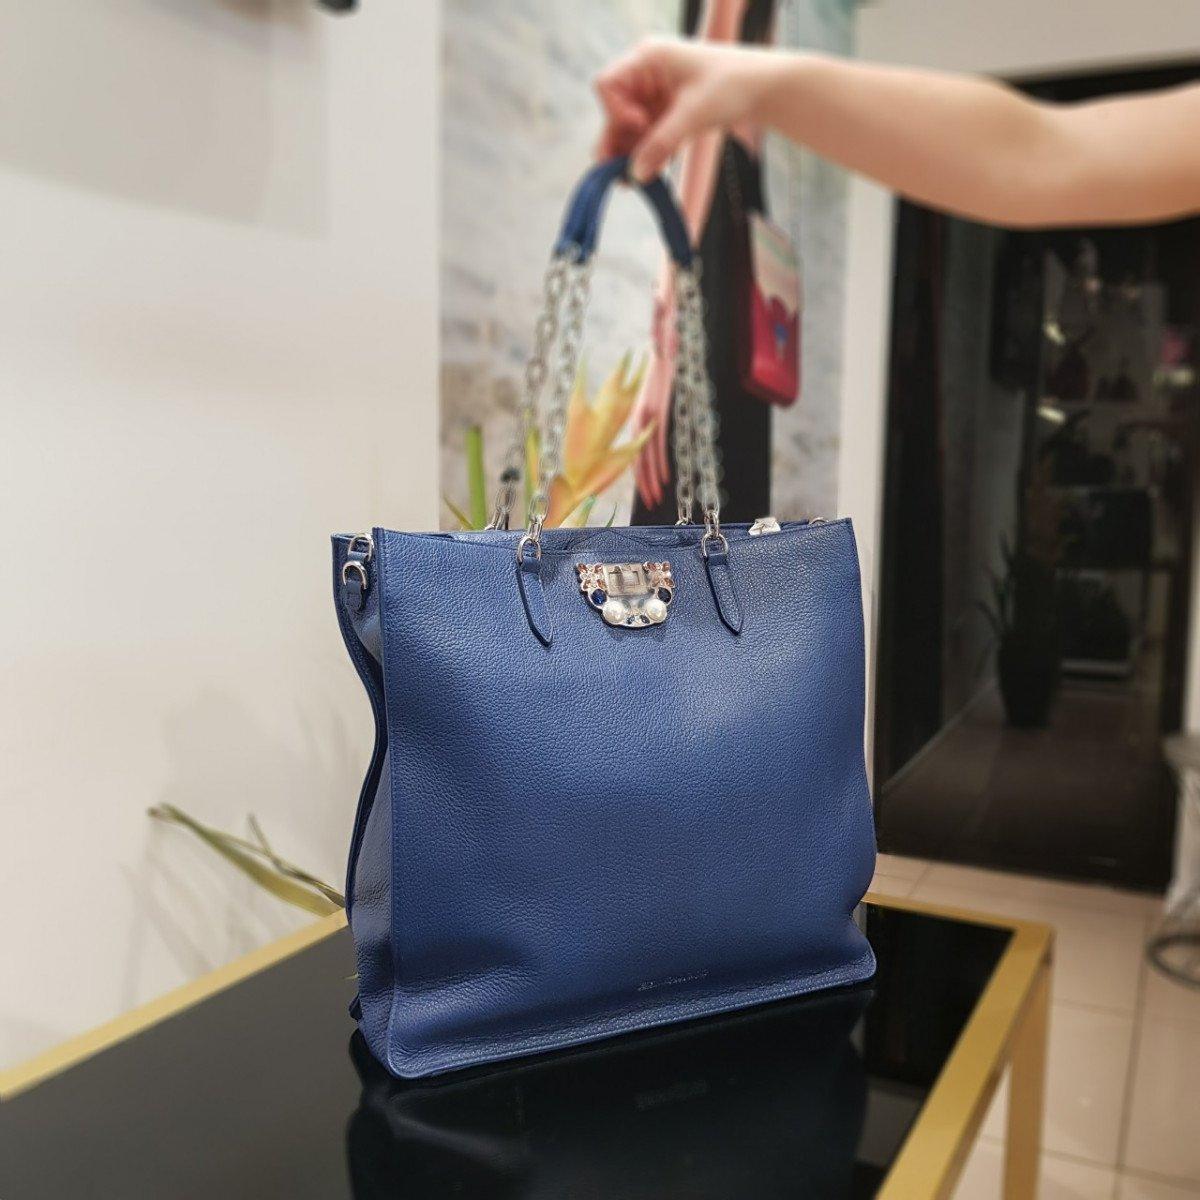 Женская кожаная сумка Ermanno Scervino 12400472 из натуральной кожи